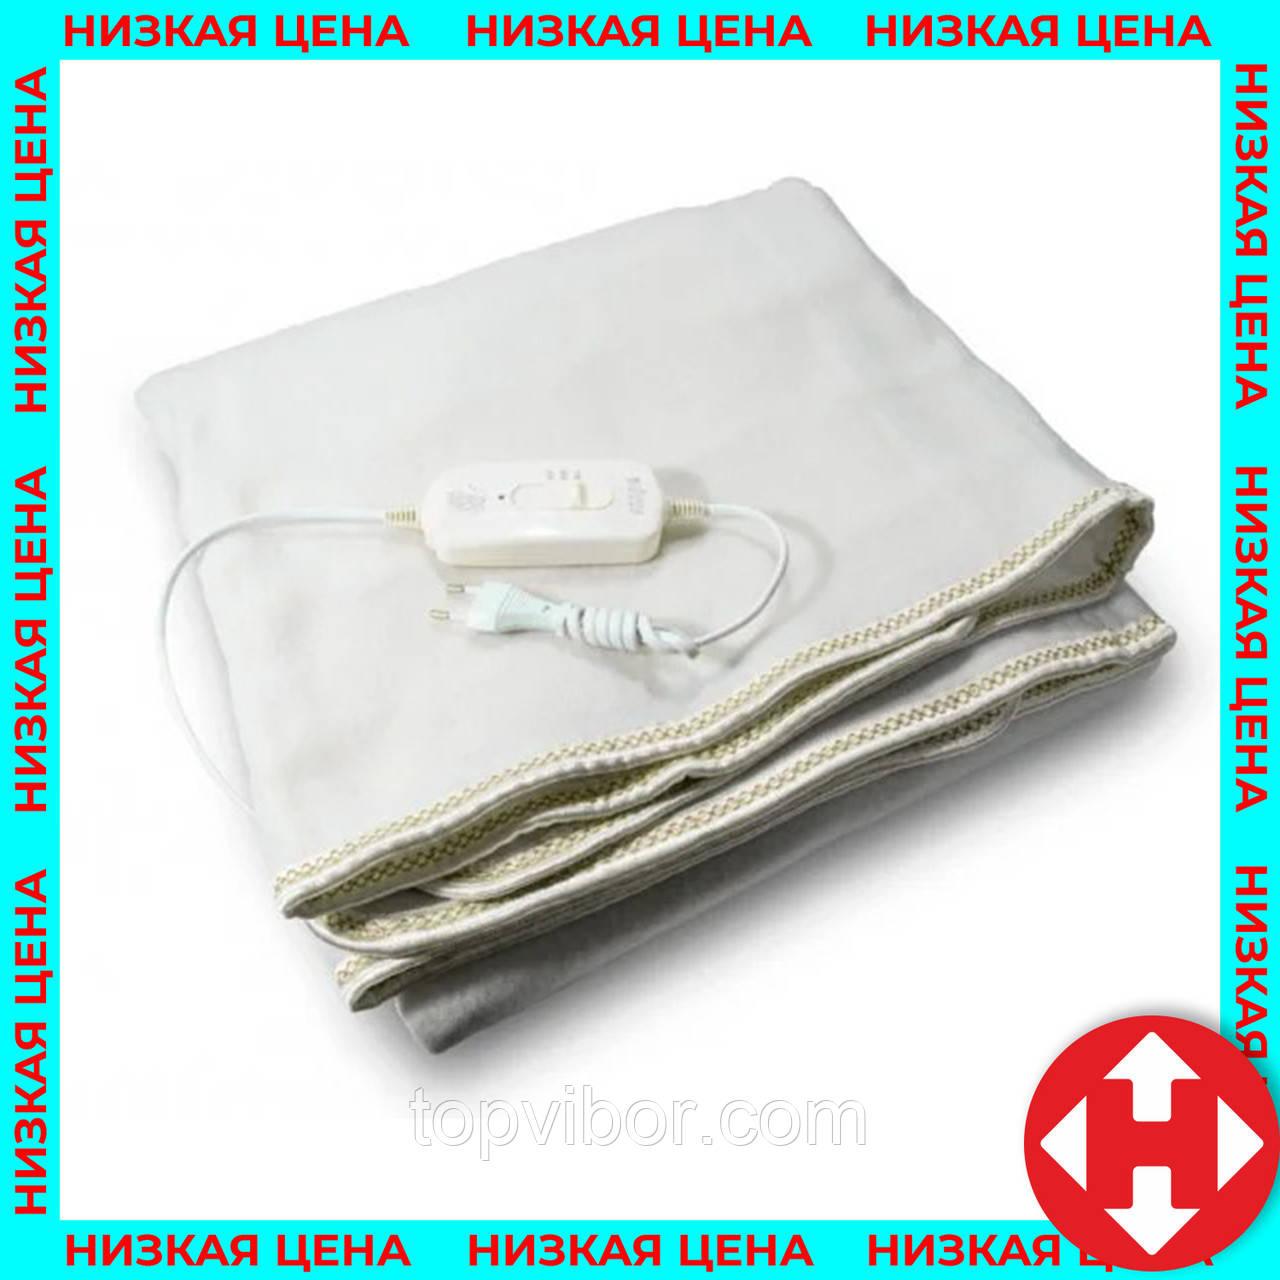 Электроодеяло Electric Blanket (100 W, 150х155 см) Белое, простынь с подогревом электро одеяло